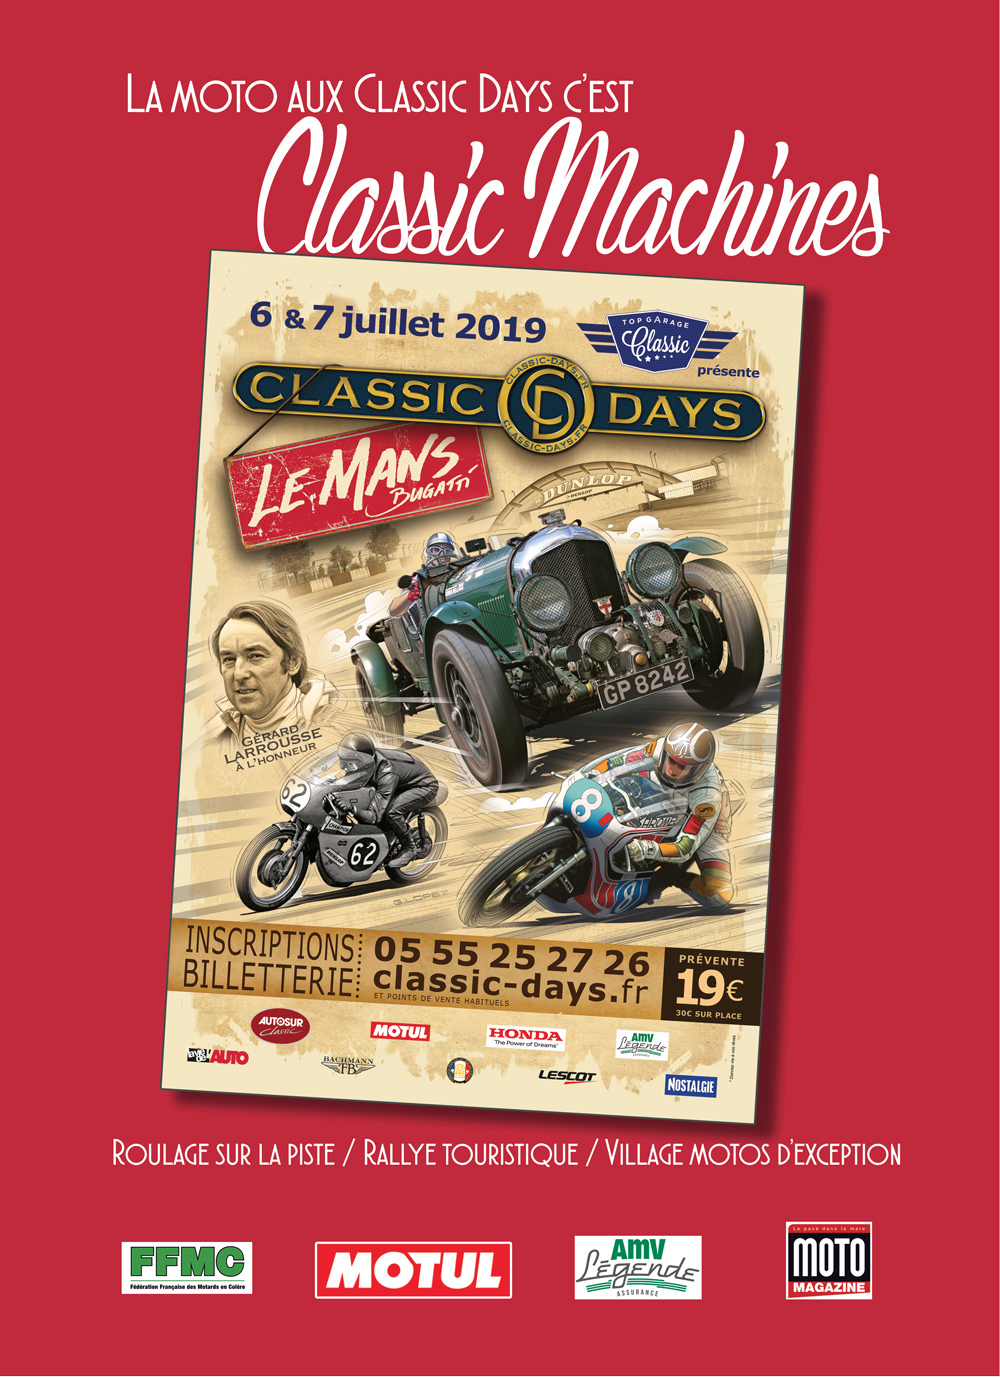 Classic Machines au Mans, les 6 et 7 juillet Le_man10